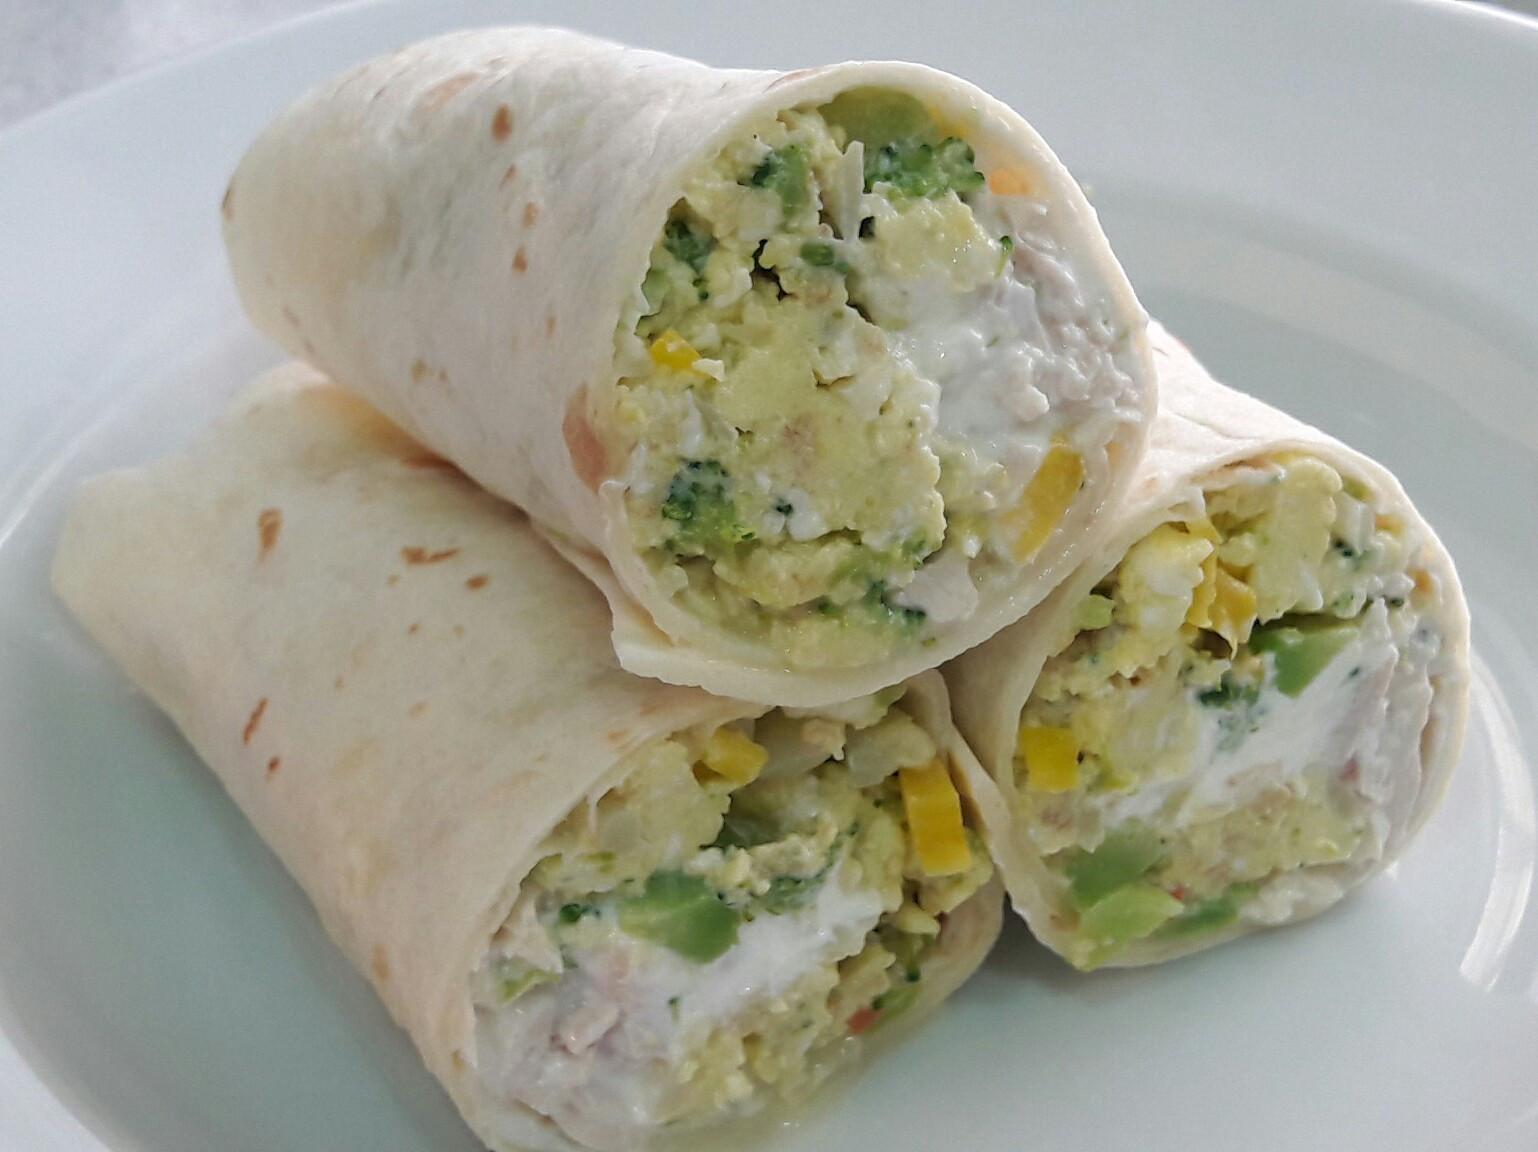 雞絲蔬菜炒蛋墨西哥捲餅~夏日輕食早餐